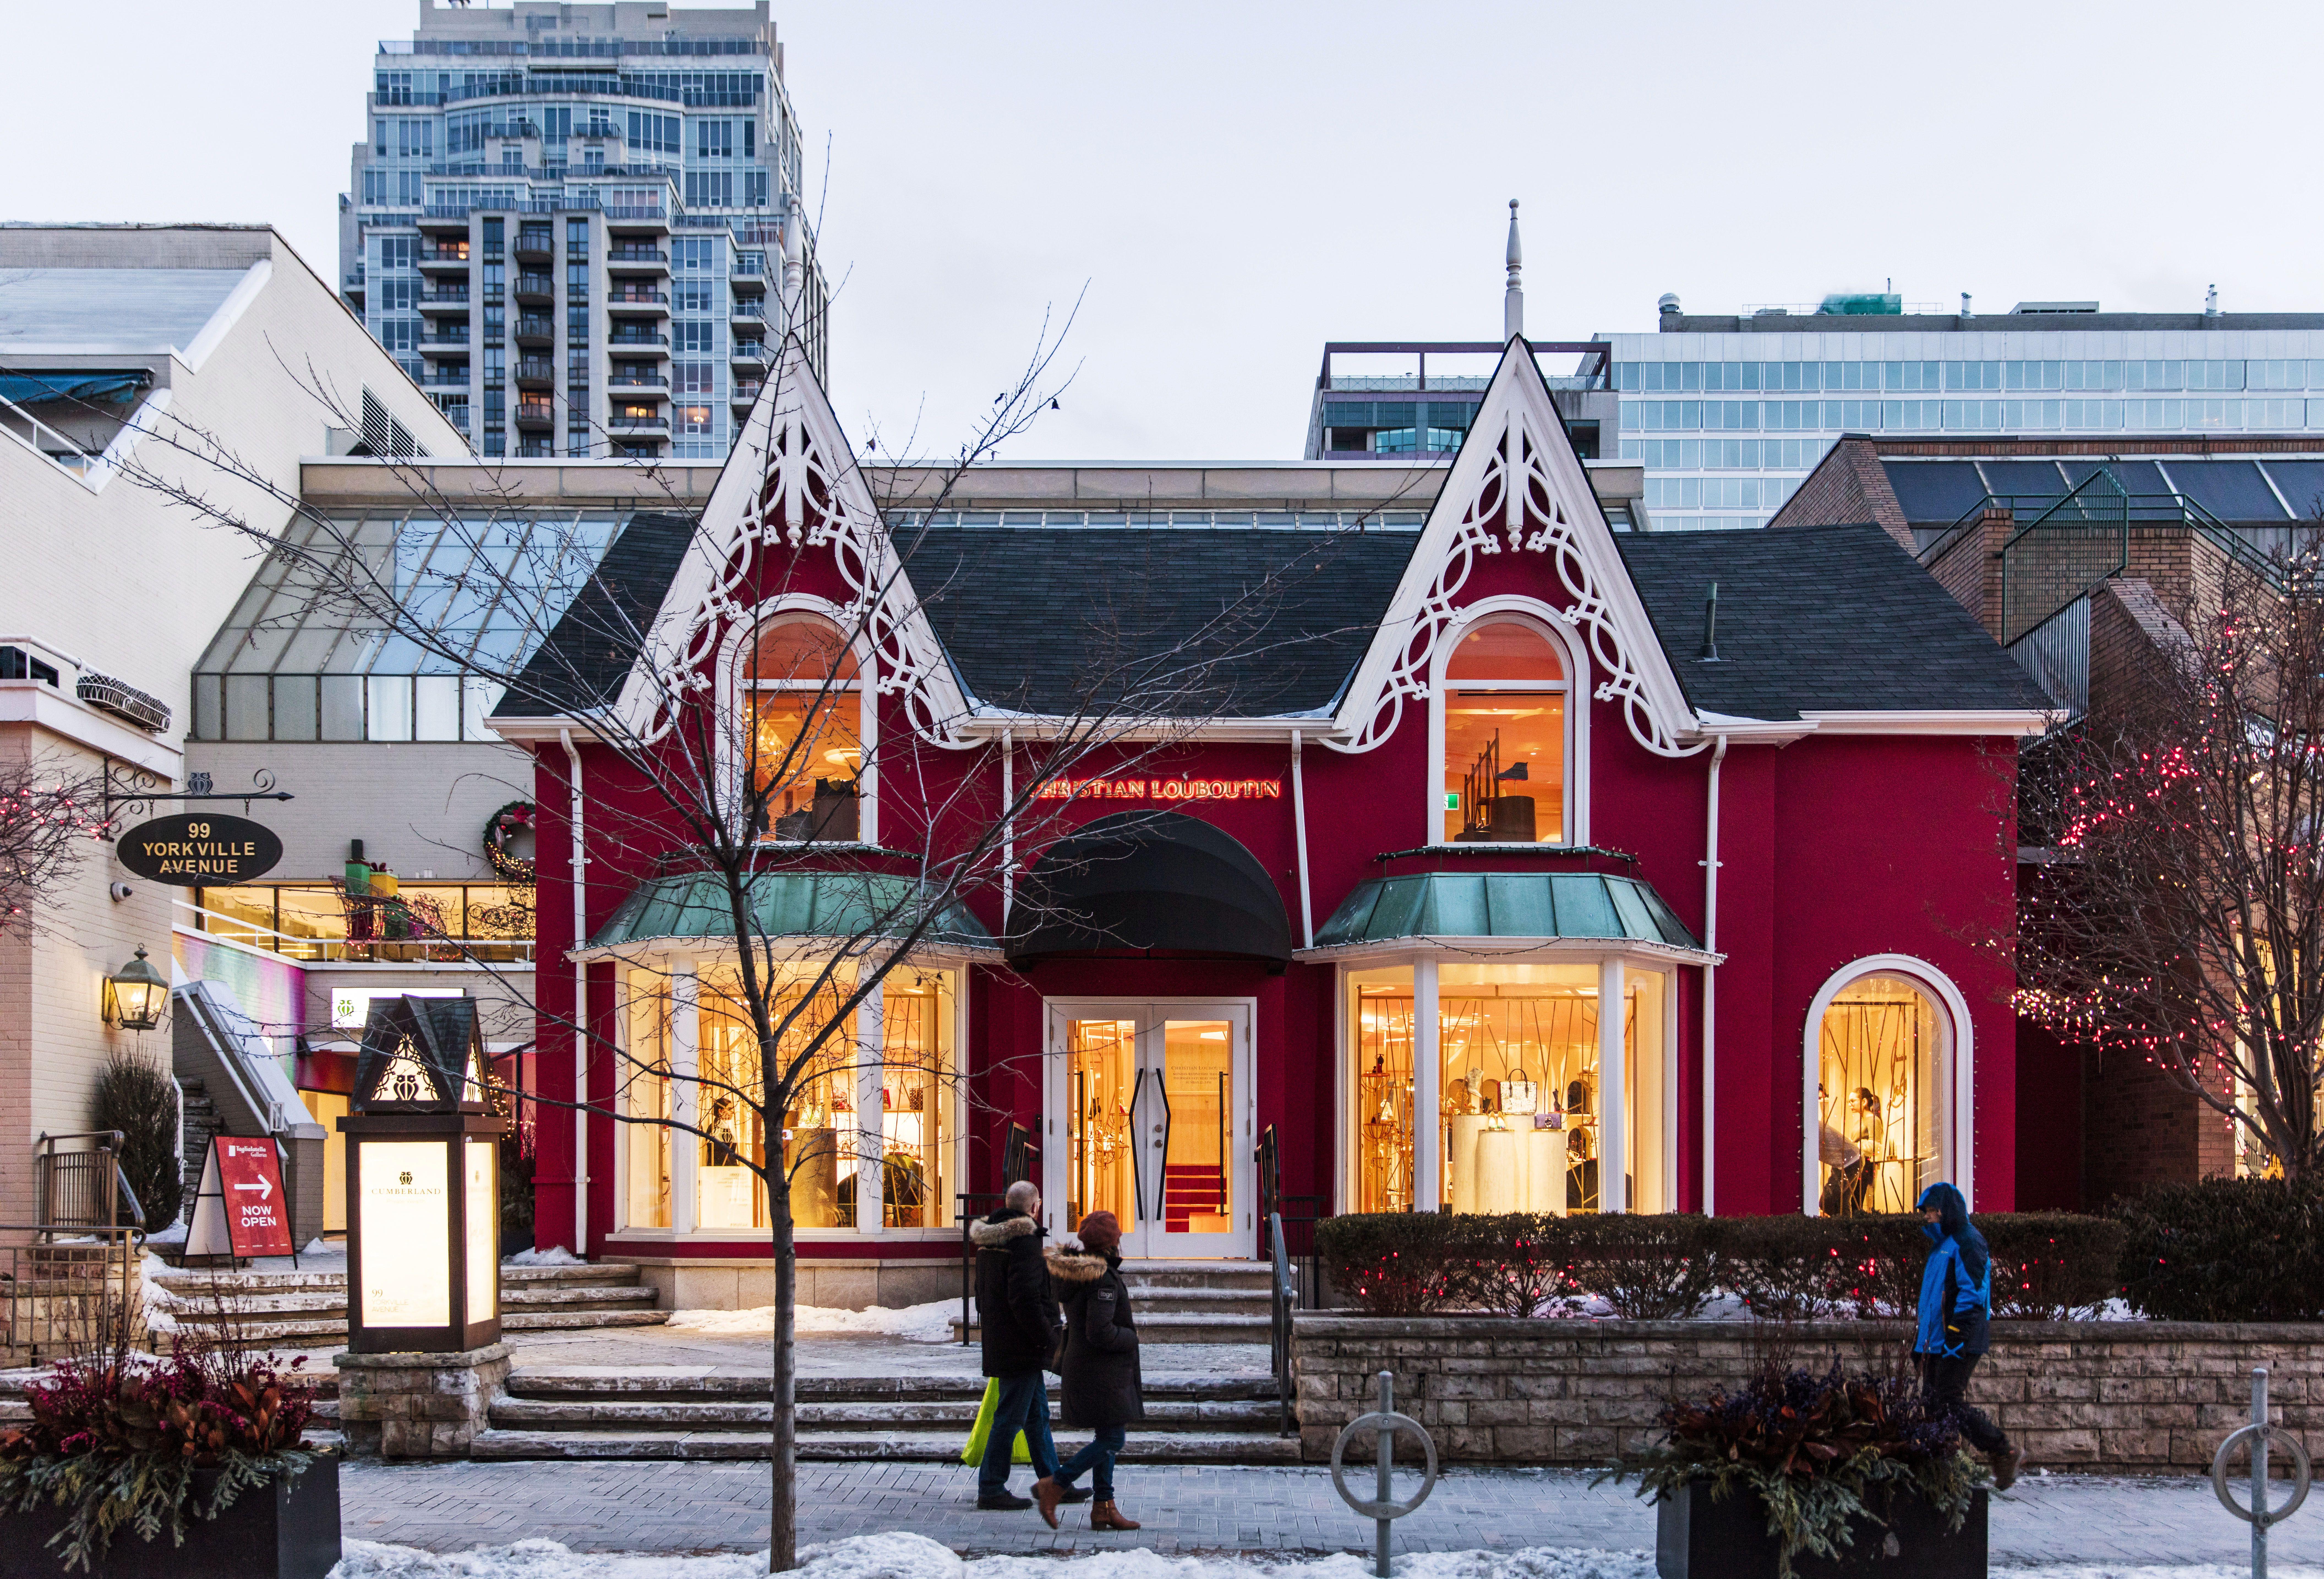 Bloor-Yorkville in Toronto